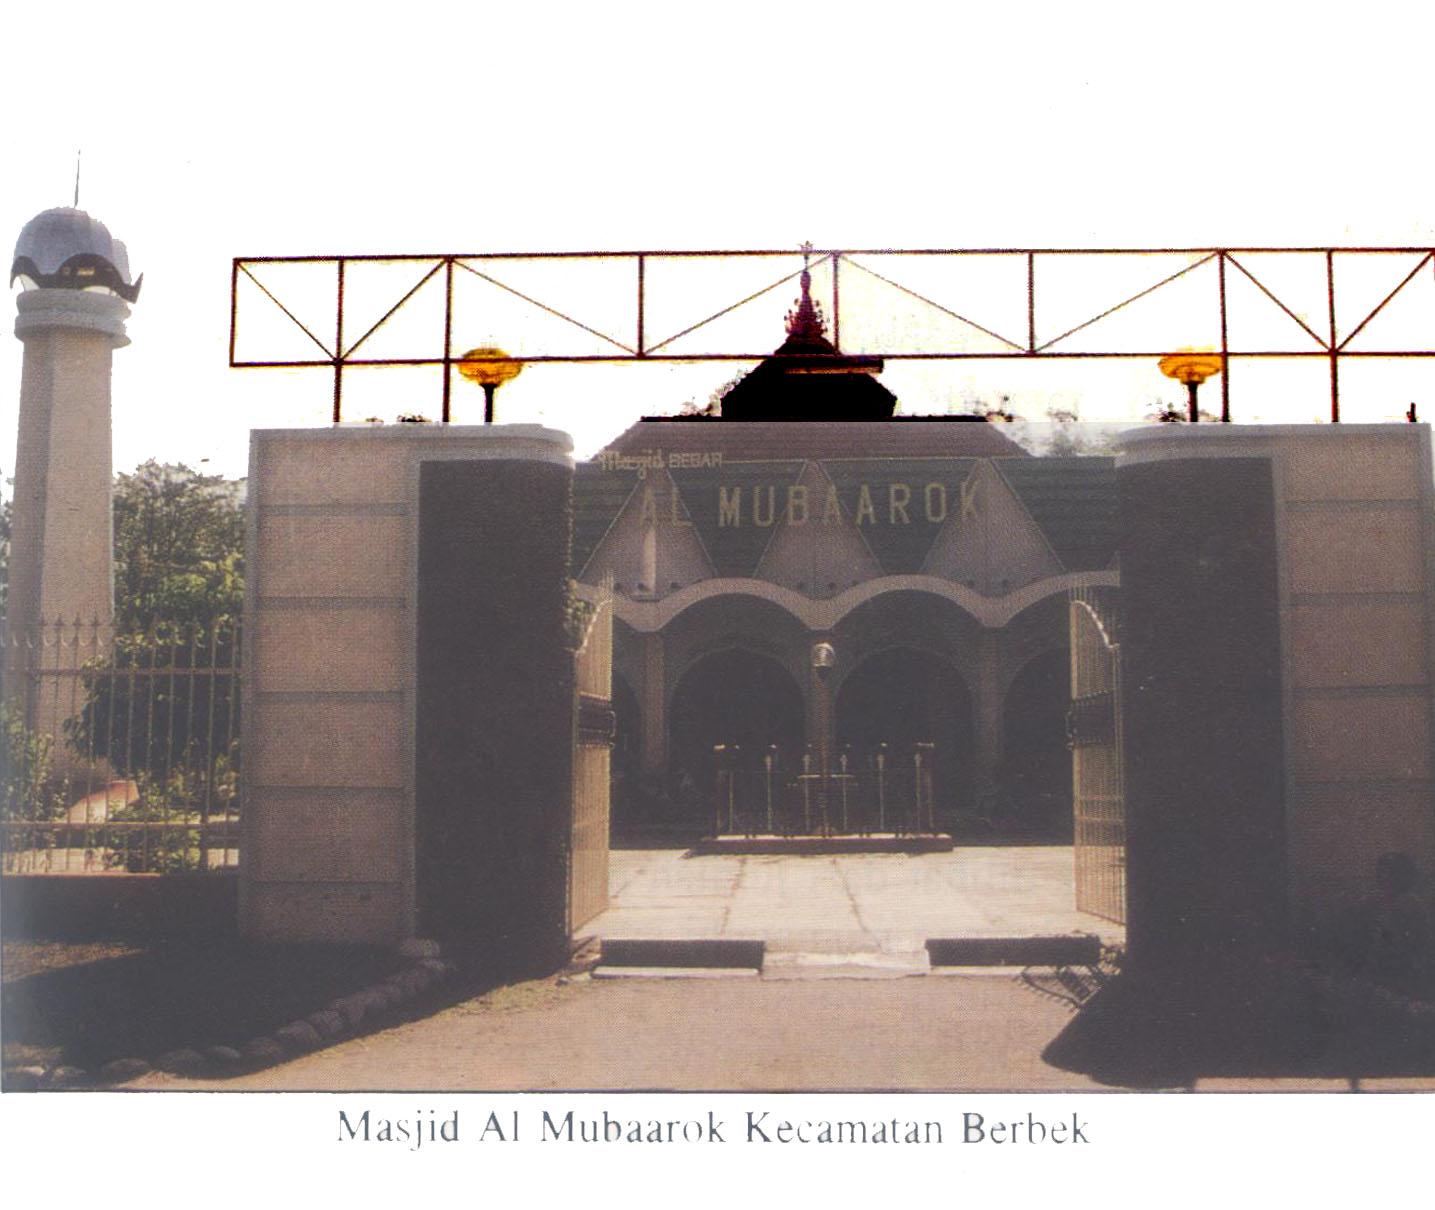 Masjid Al Mubaarok Kabupaten Nganjuk Pusaka Jawatimuran Makam Kanjeng Jimat